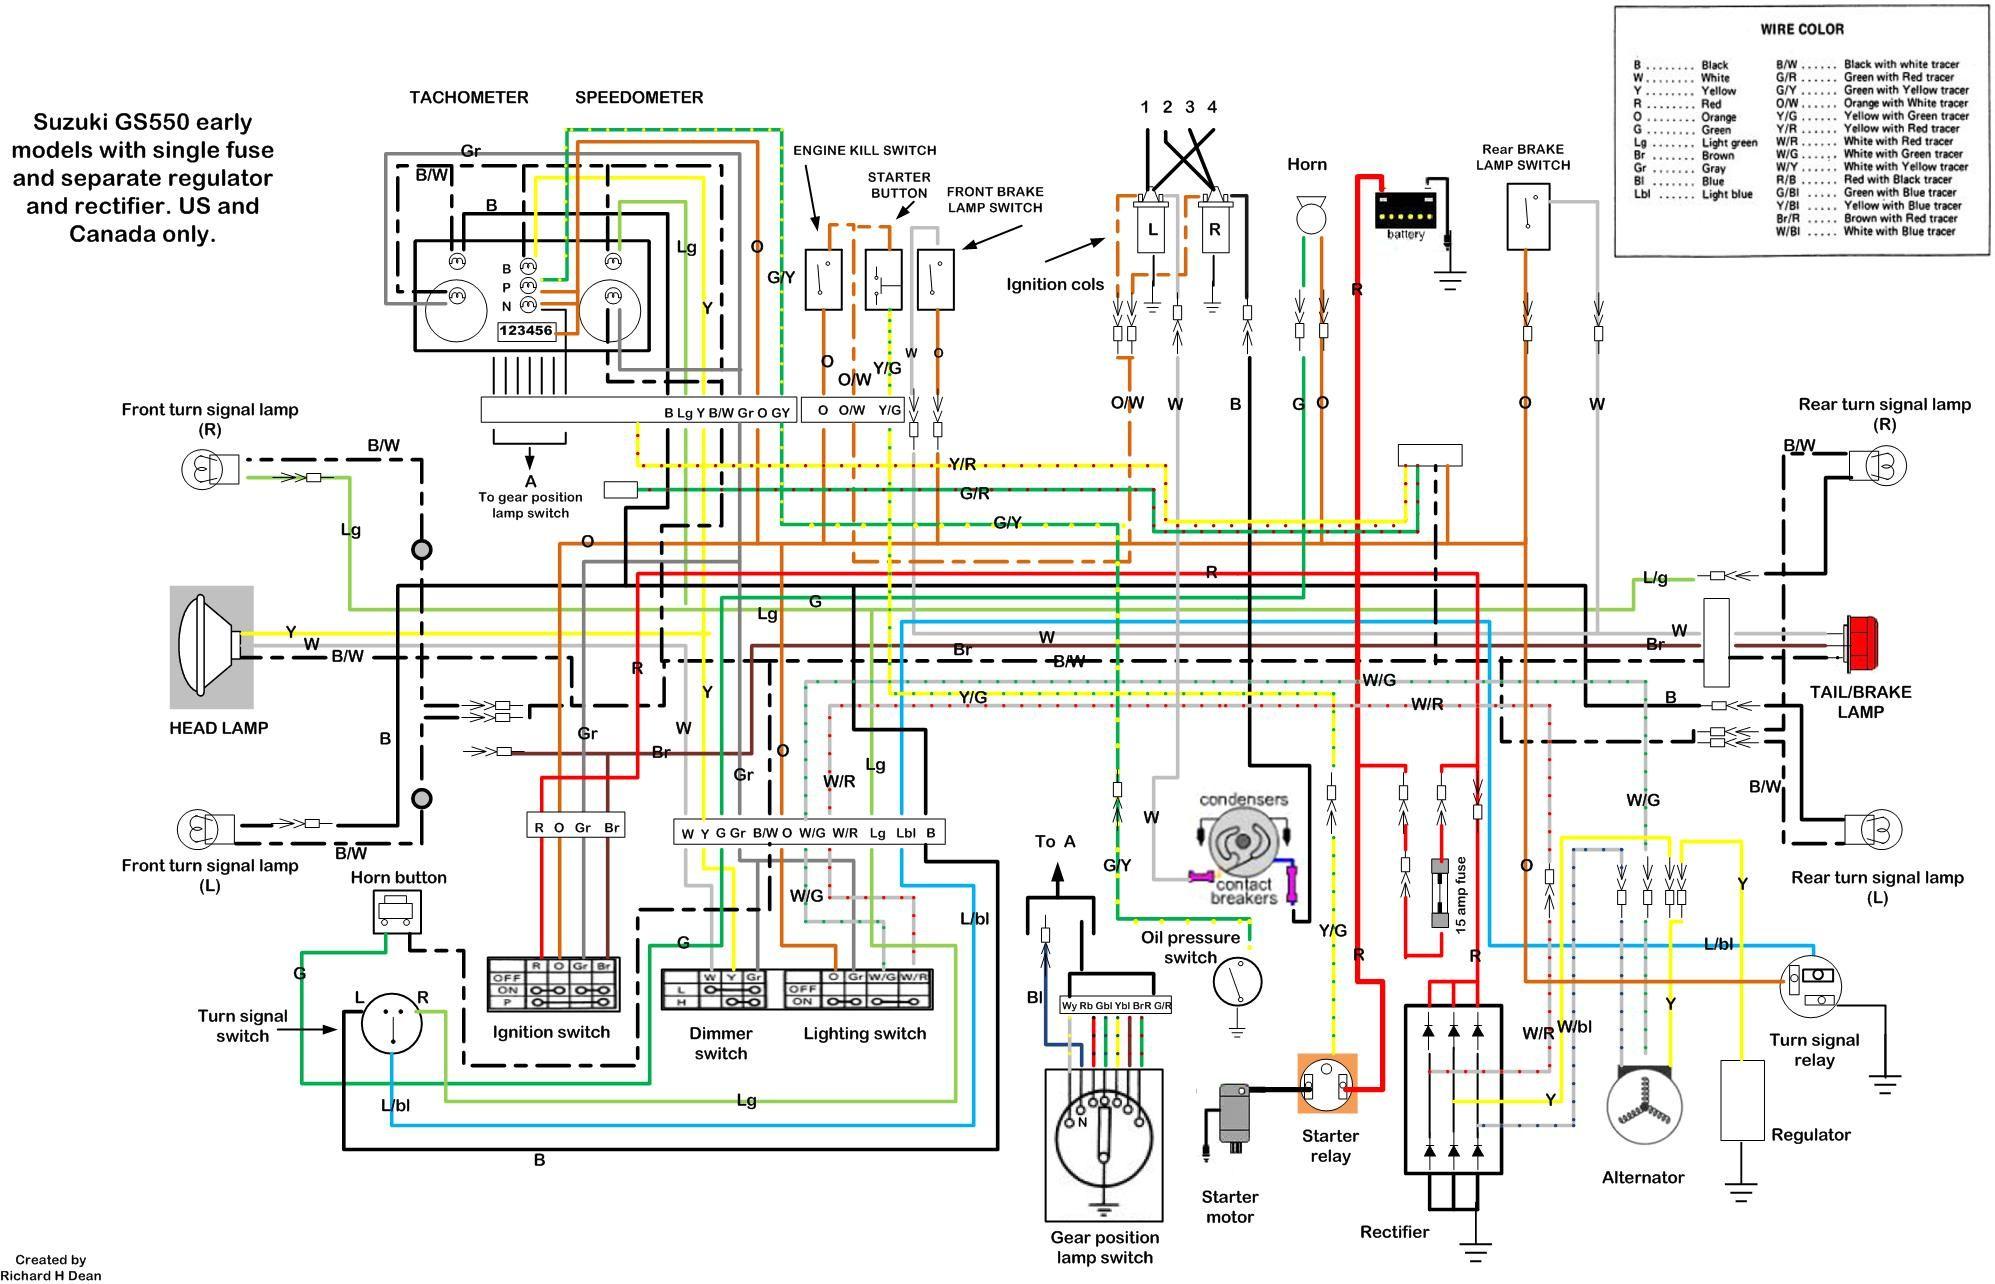 Suzuki Gs550 wiring diagram | Motorsports | Motorcycle